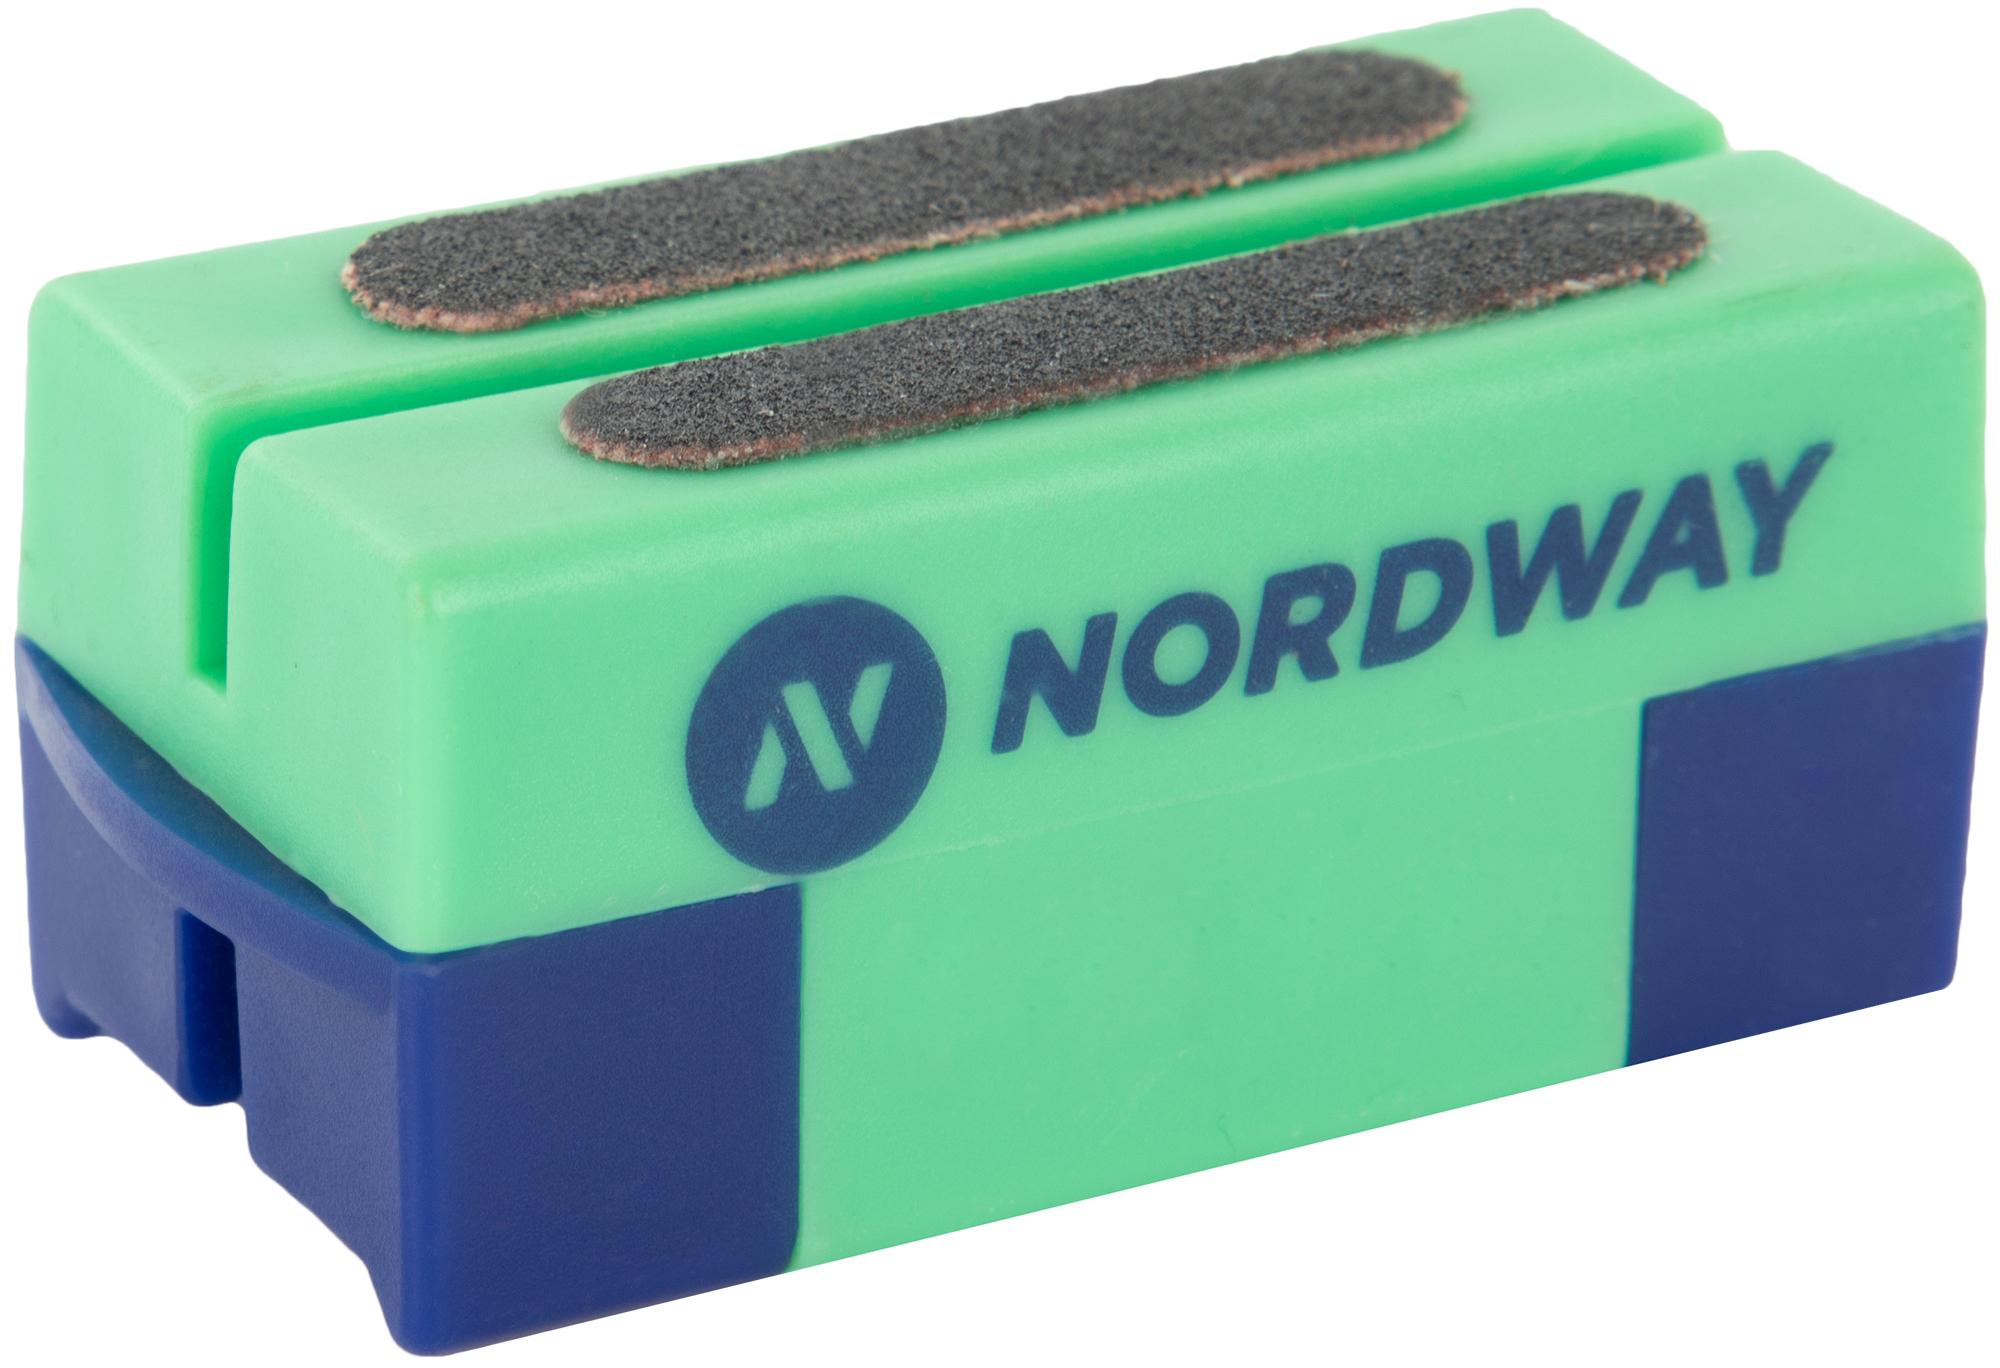 Nordway Затачиватель для лезвий коньков